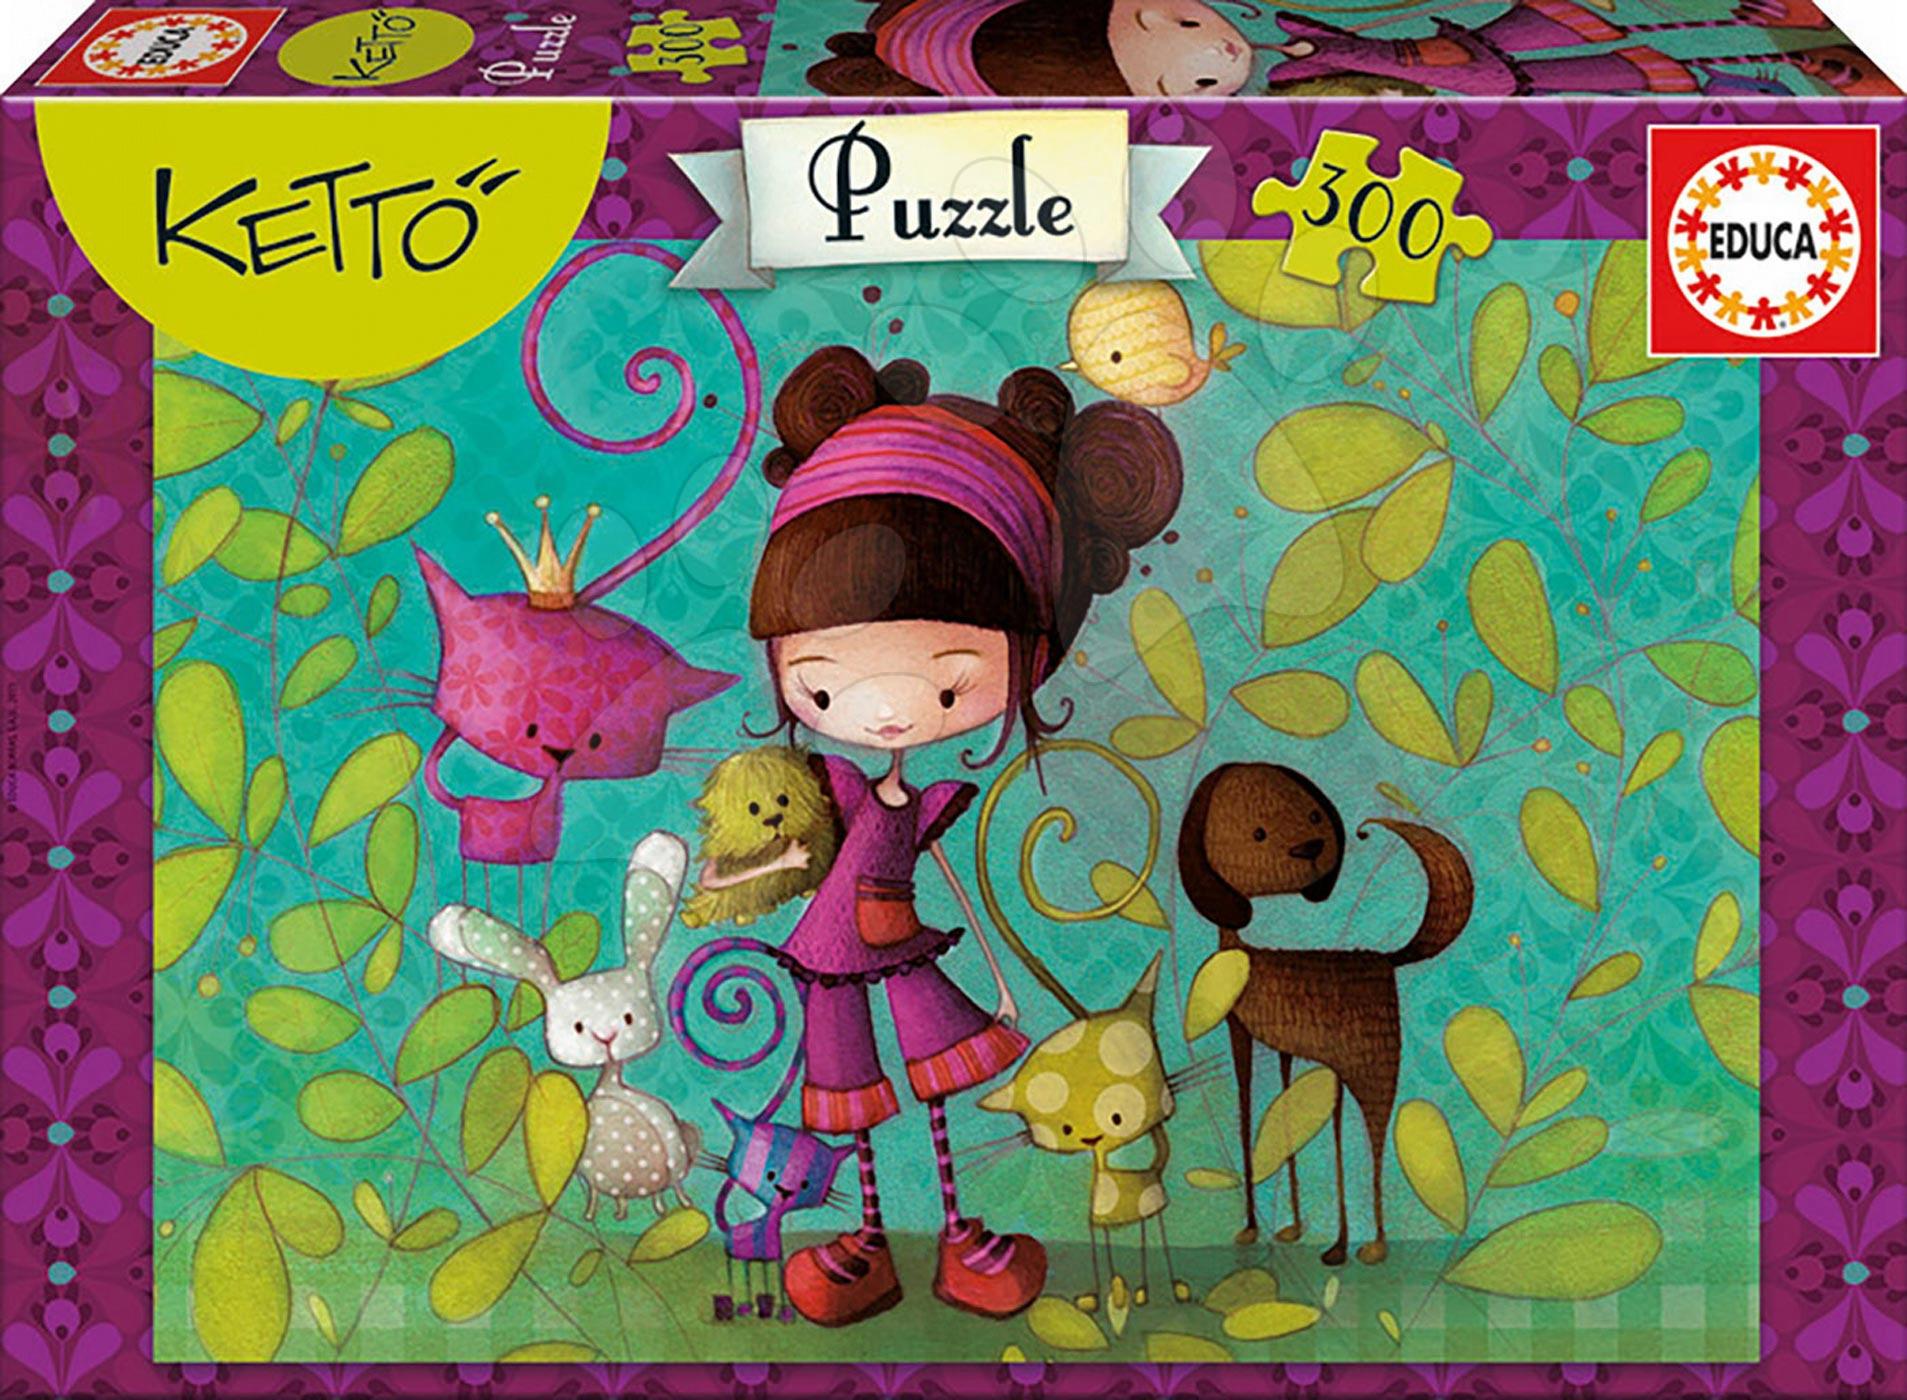 Detské puzzle od 100-300 dielov - Puzzle Ketto s priateľmi Educa 300 dielov od 8 rokov